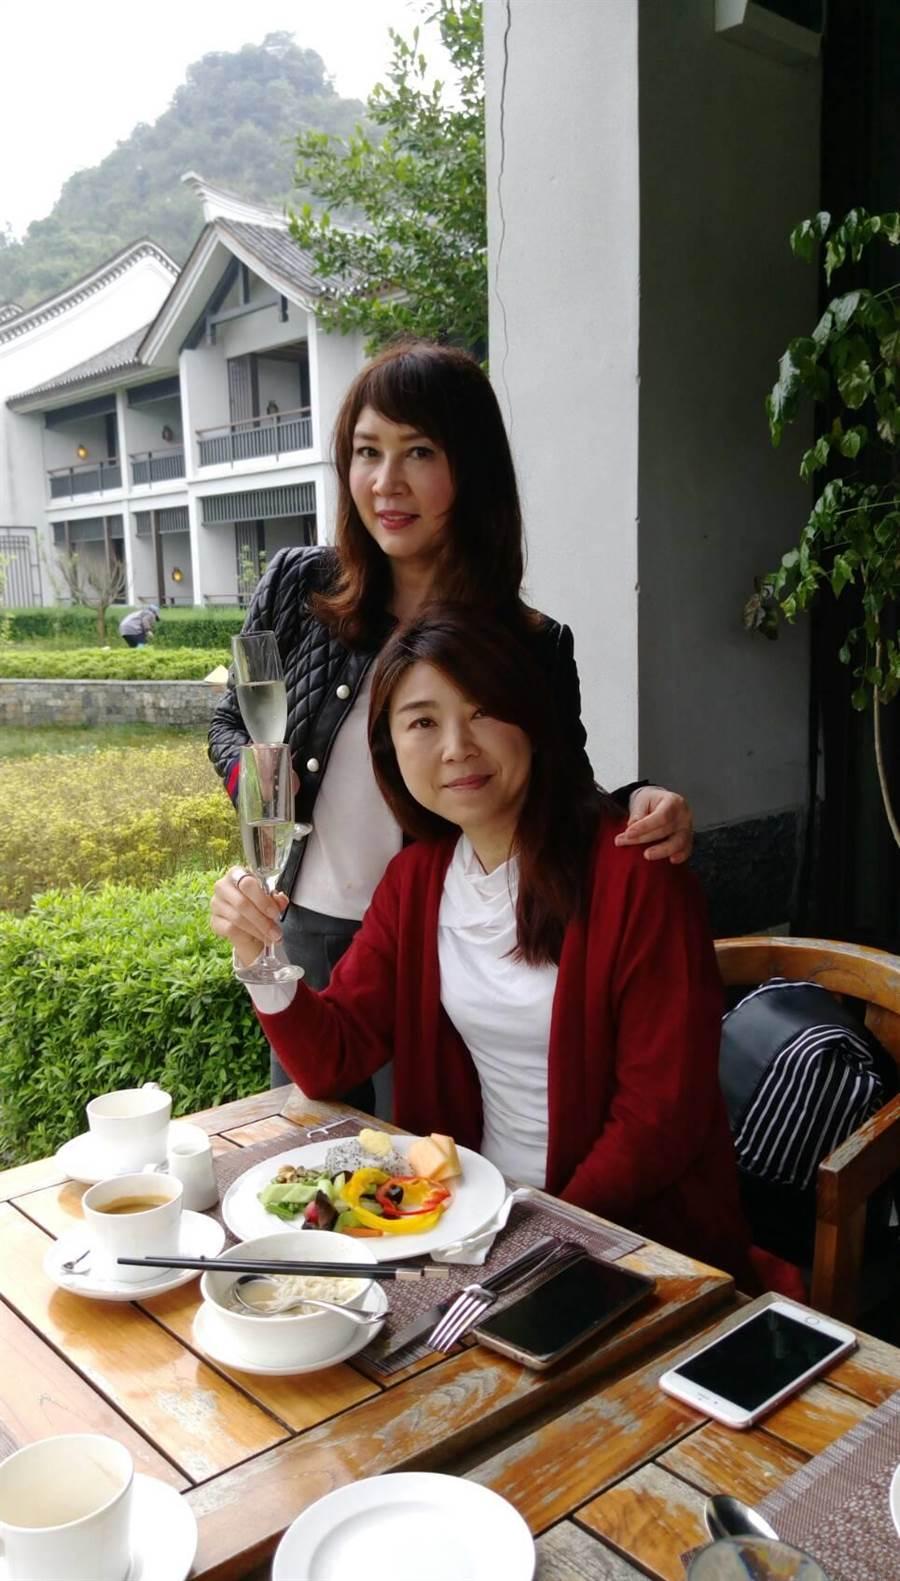 住陽朔悅榕庄,兩人都喜歡在戶外吃早餐。圖:蘭虹提供